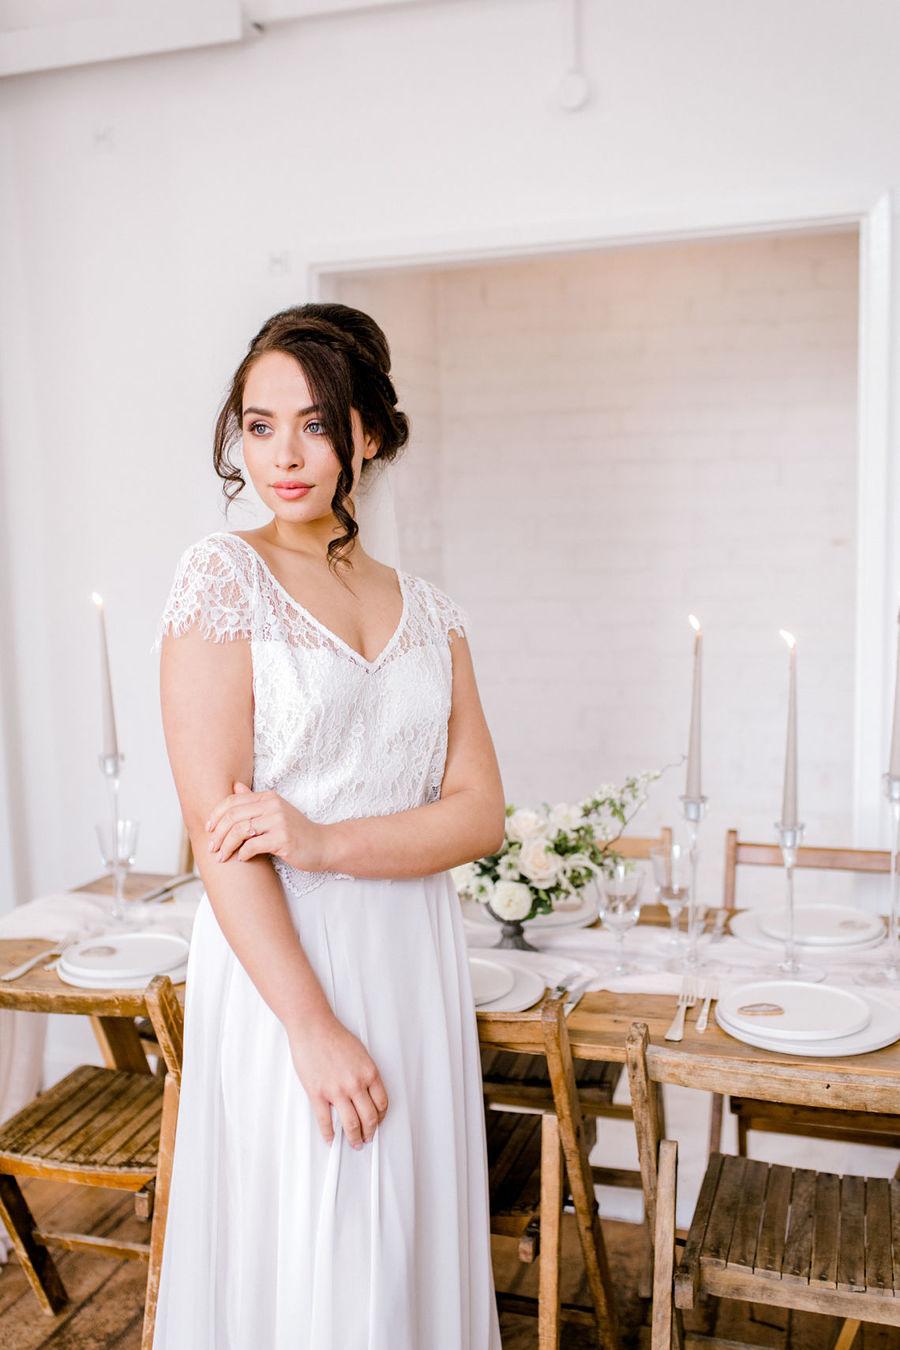 Minimal elegant wedding style ideas by Wildflower Wedding Planner Natasha, images Helene Elliott Photography (32)